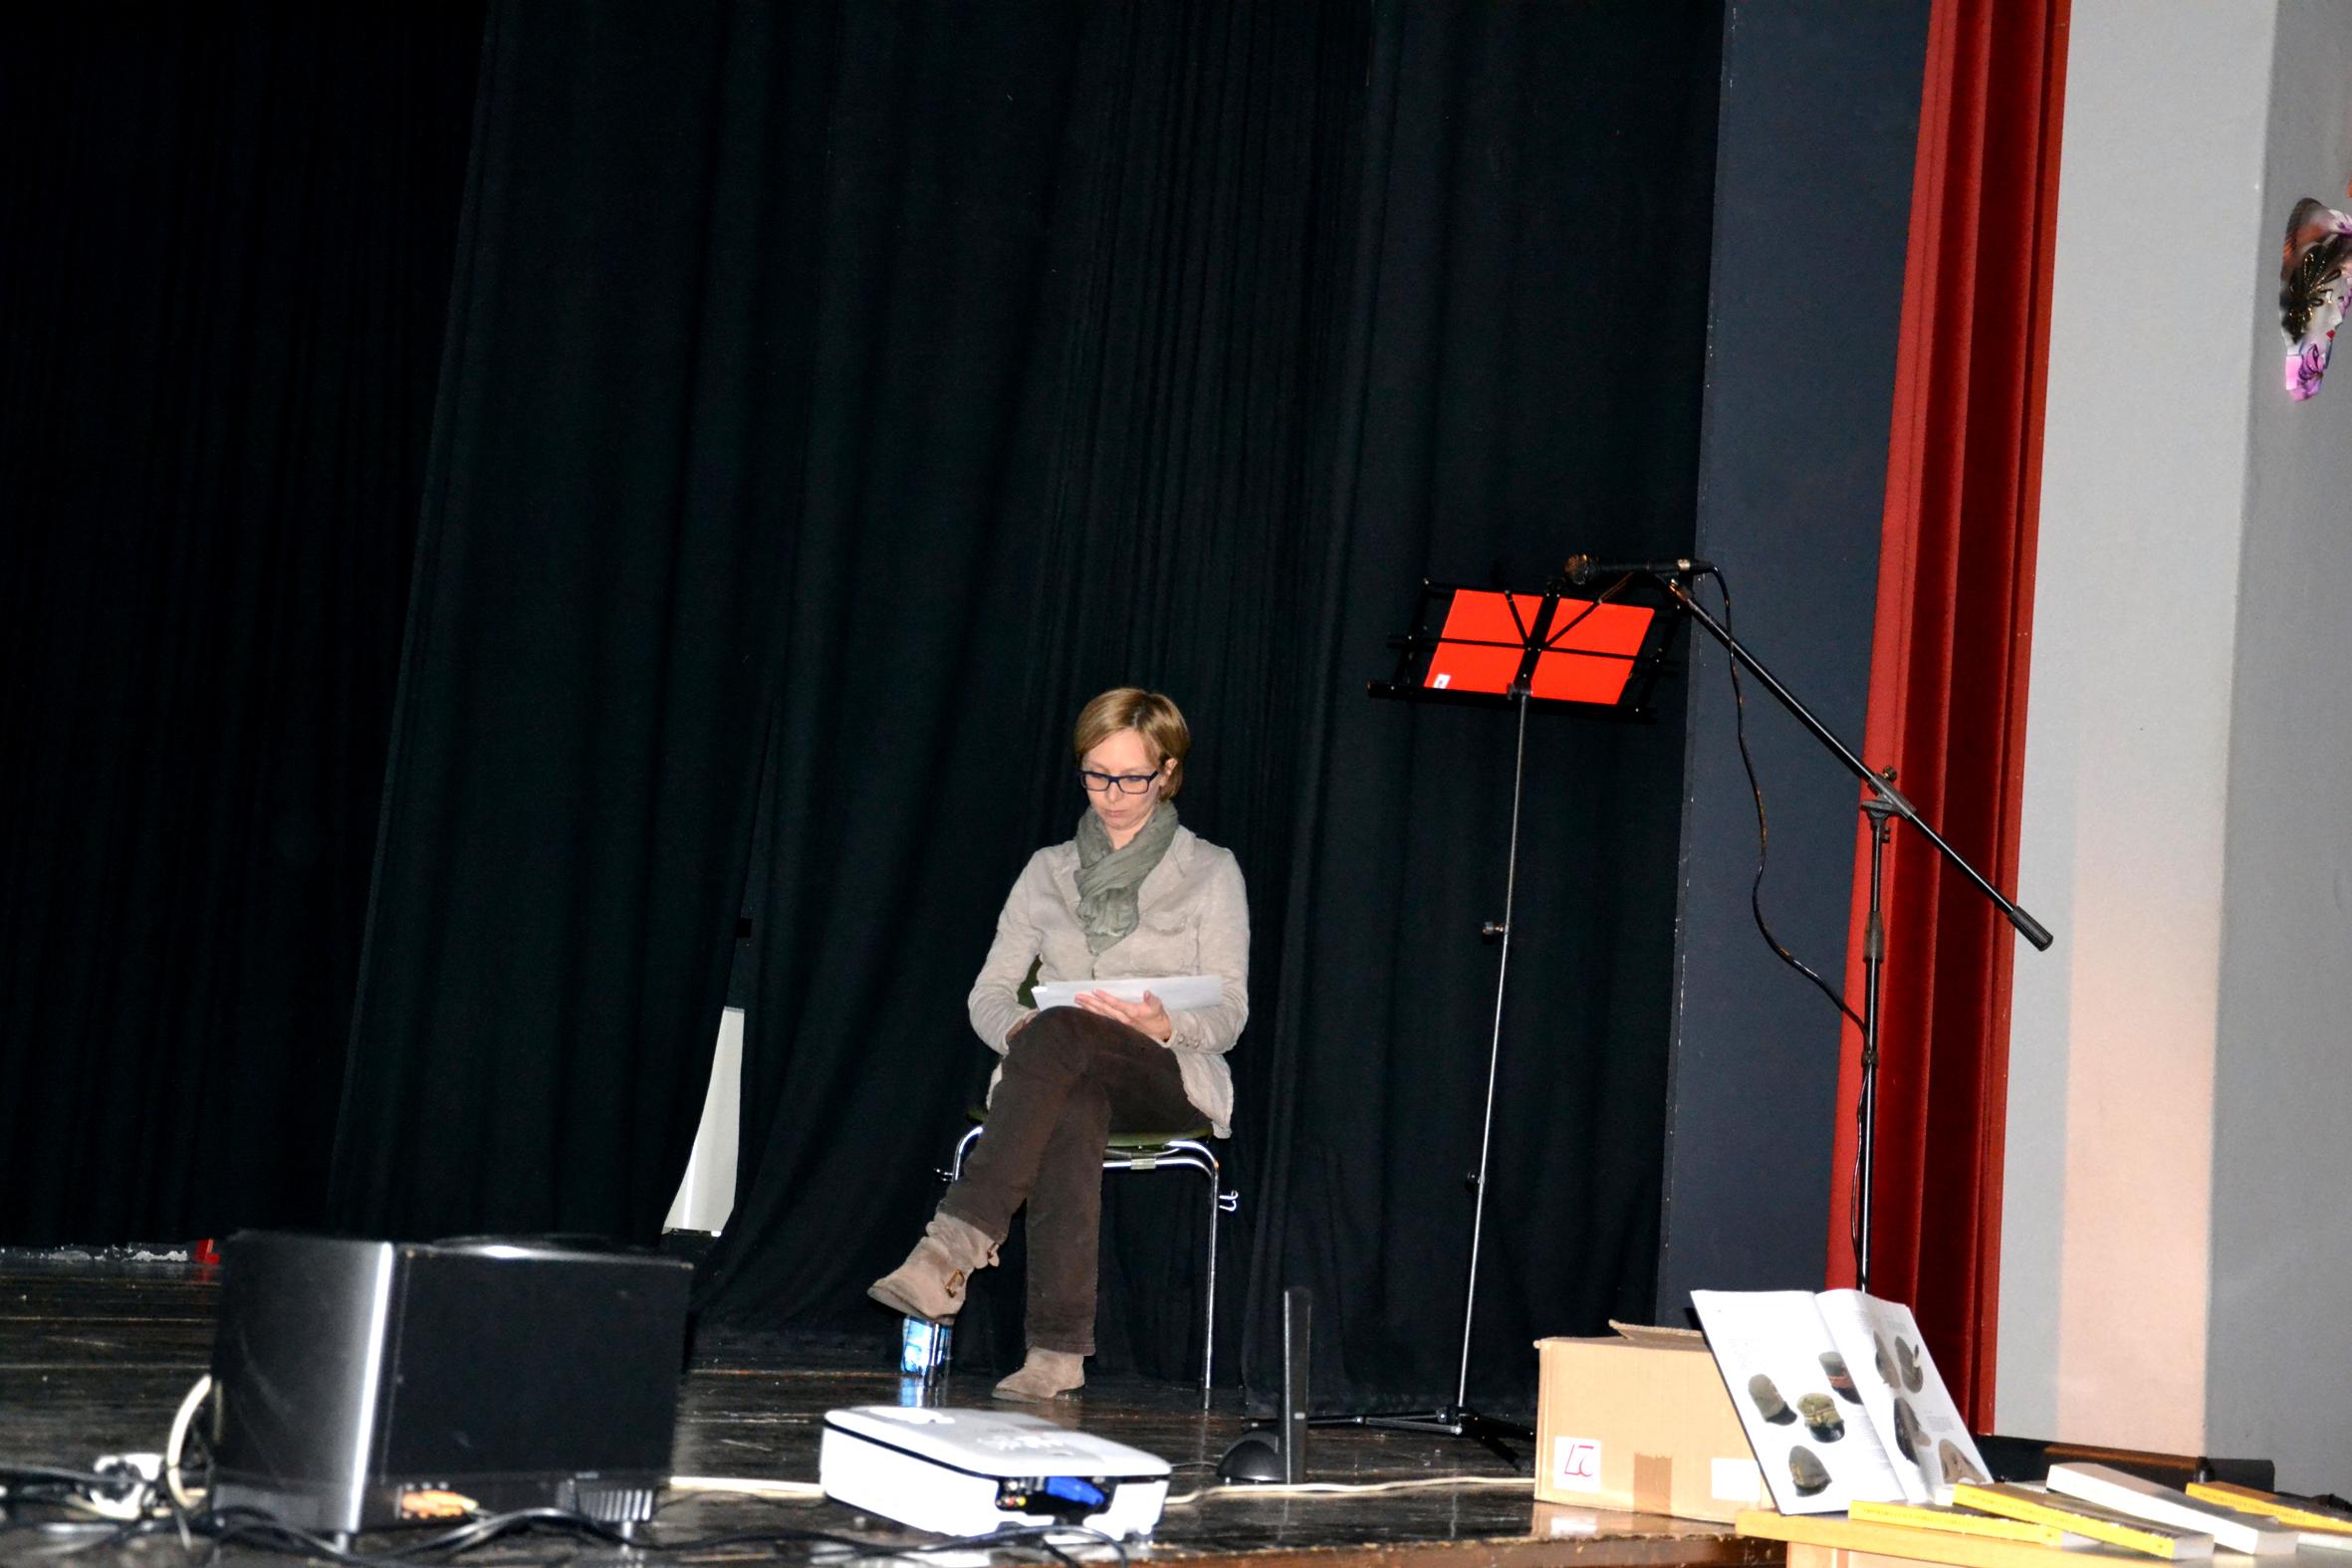 05 -  Elena prima dell'inizio della serata  concentrata pur tra video, stereo, microfoni e libri.JPG